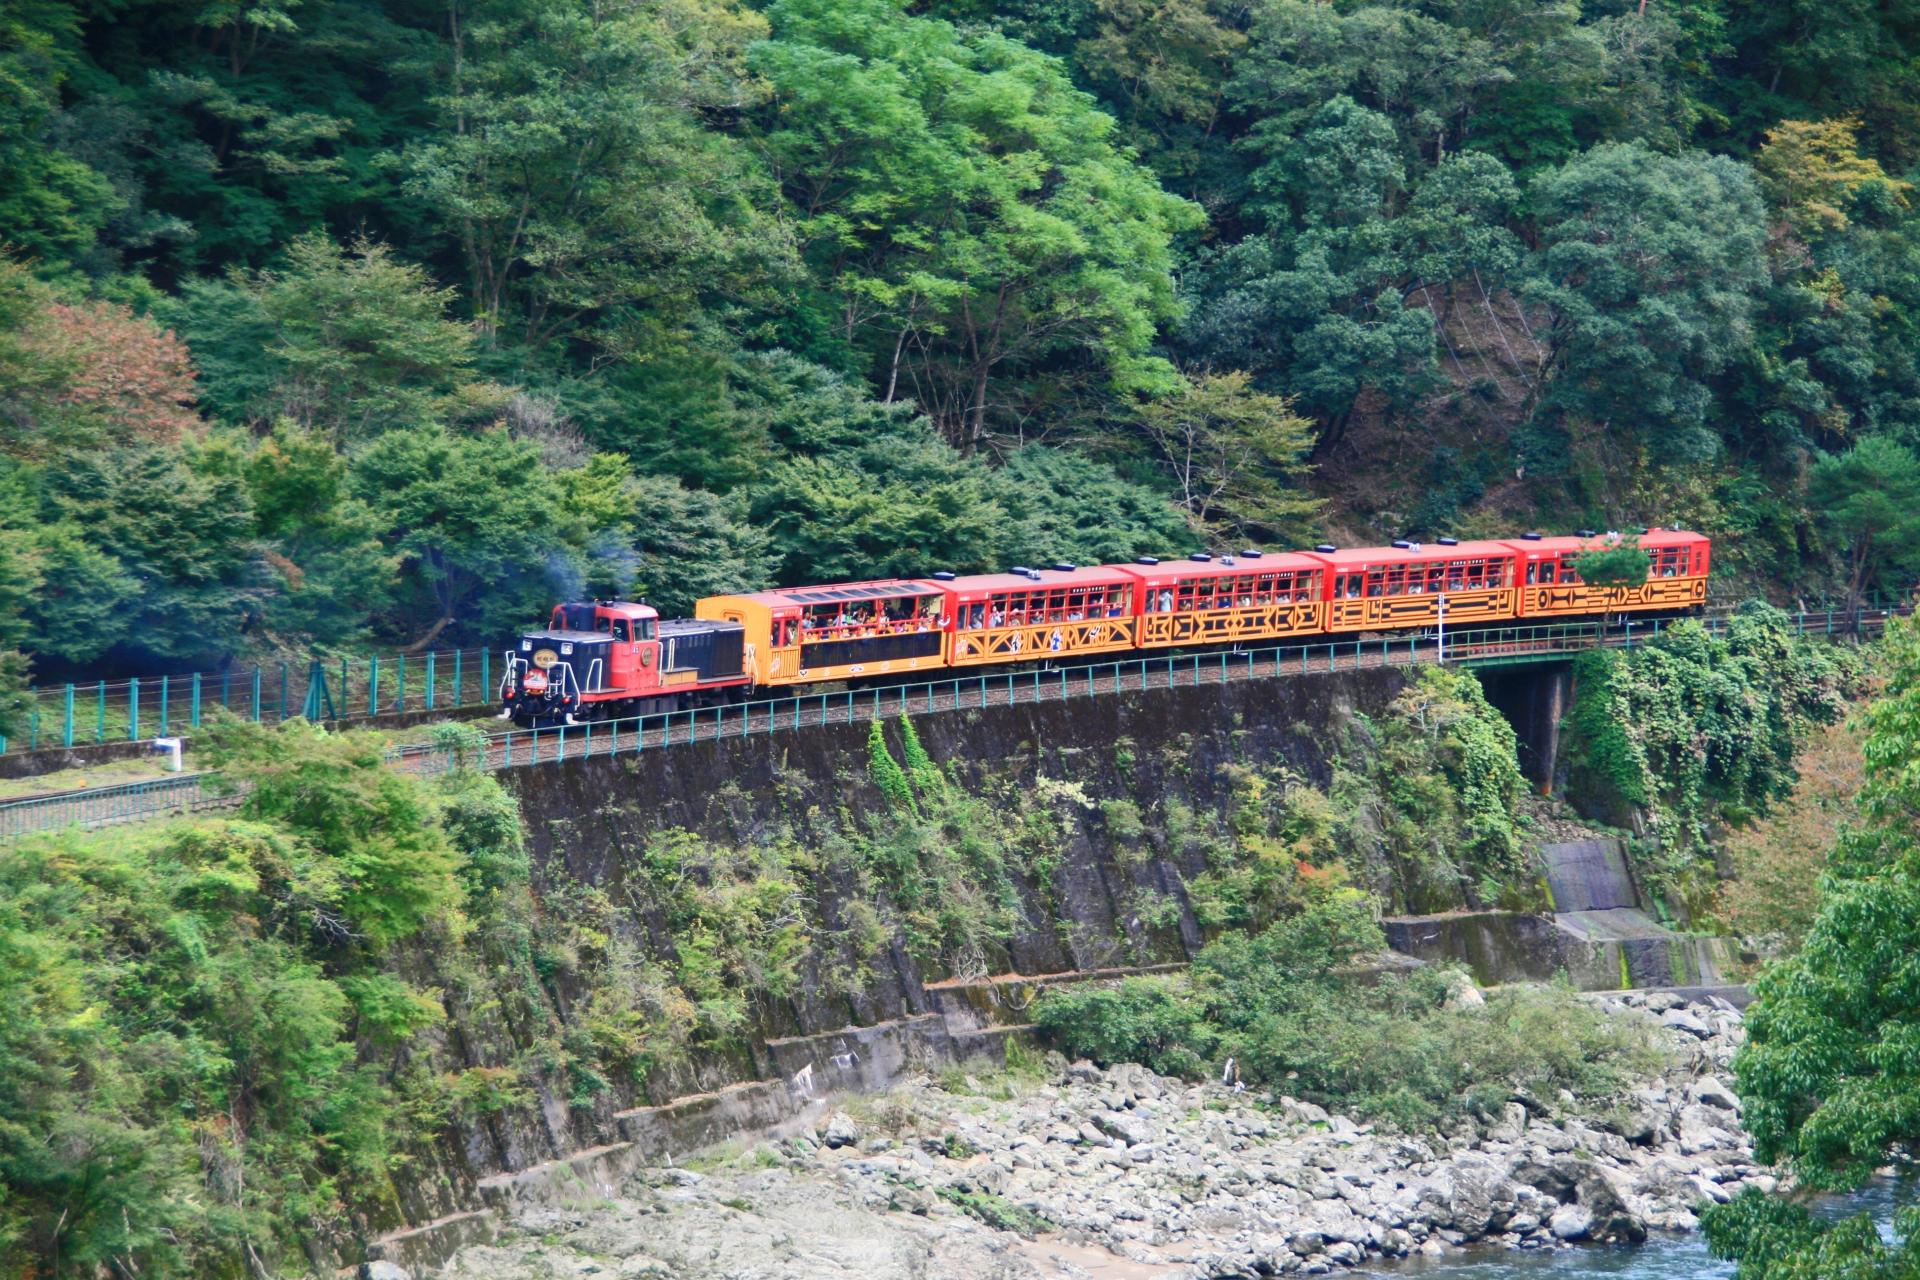 保津峡で景色やハイキングが楽しめる!アクセス方法やトロッコ列車も紹介!